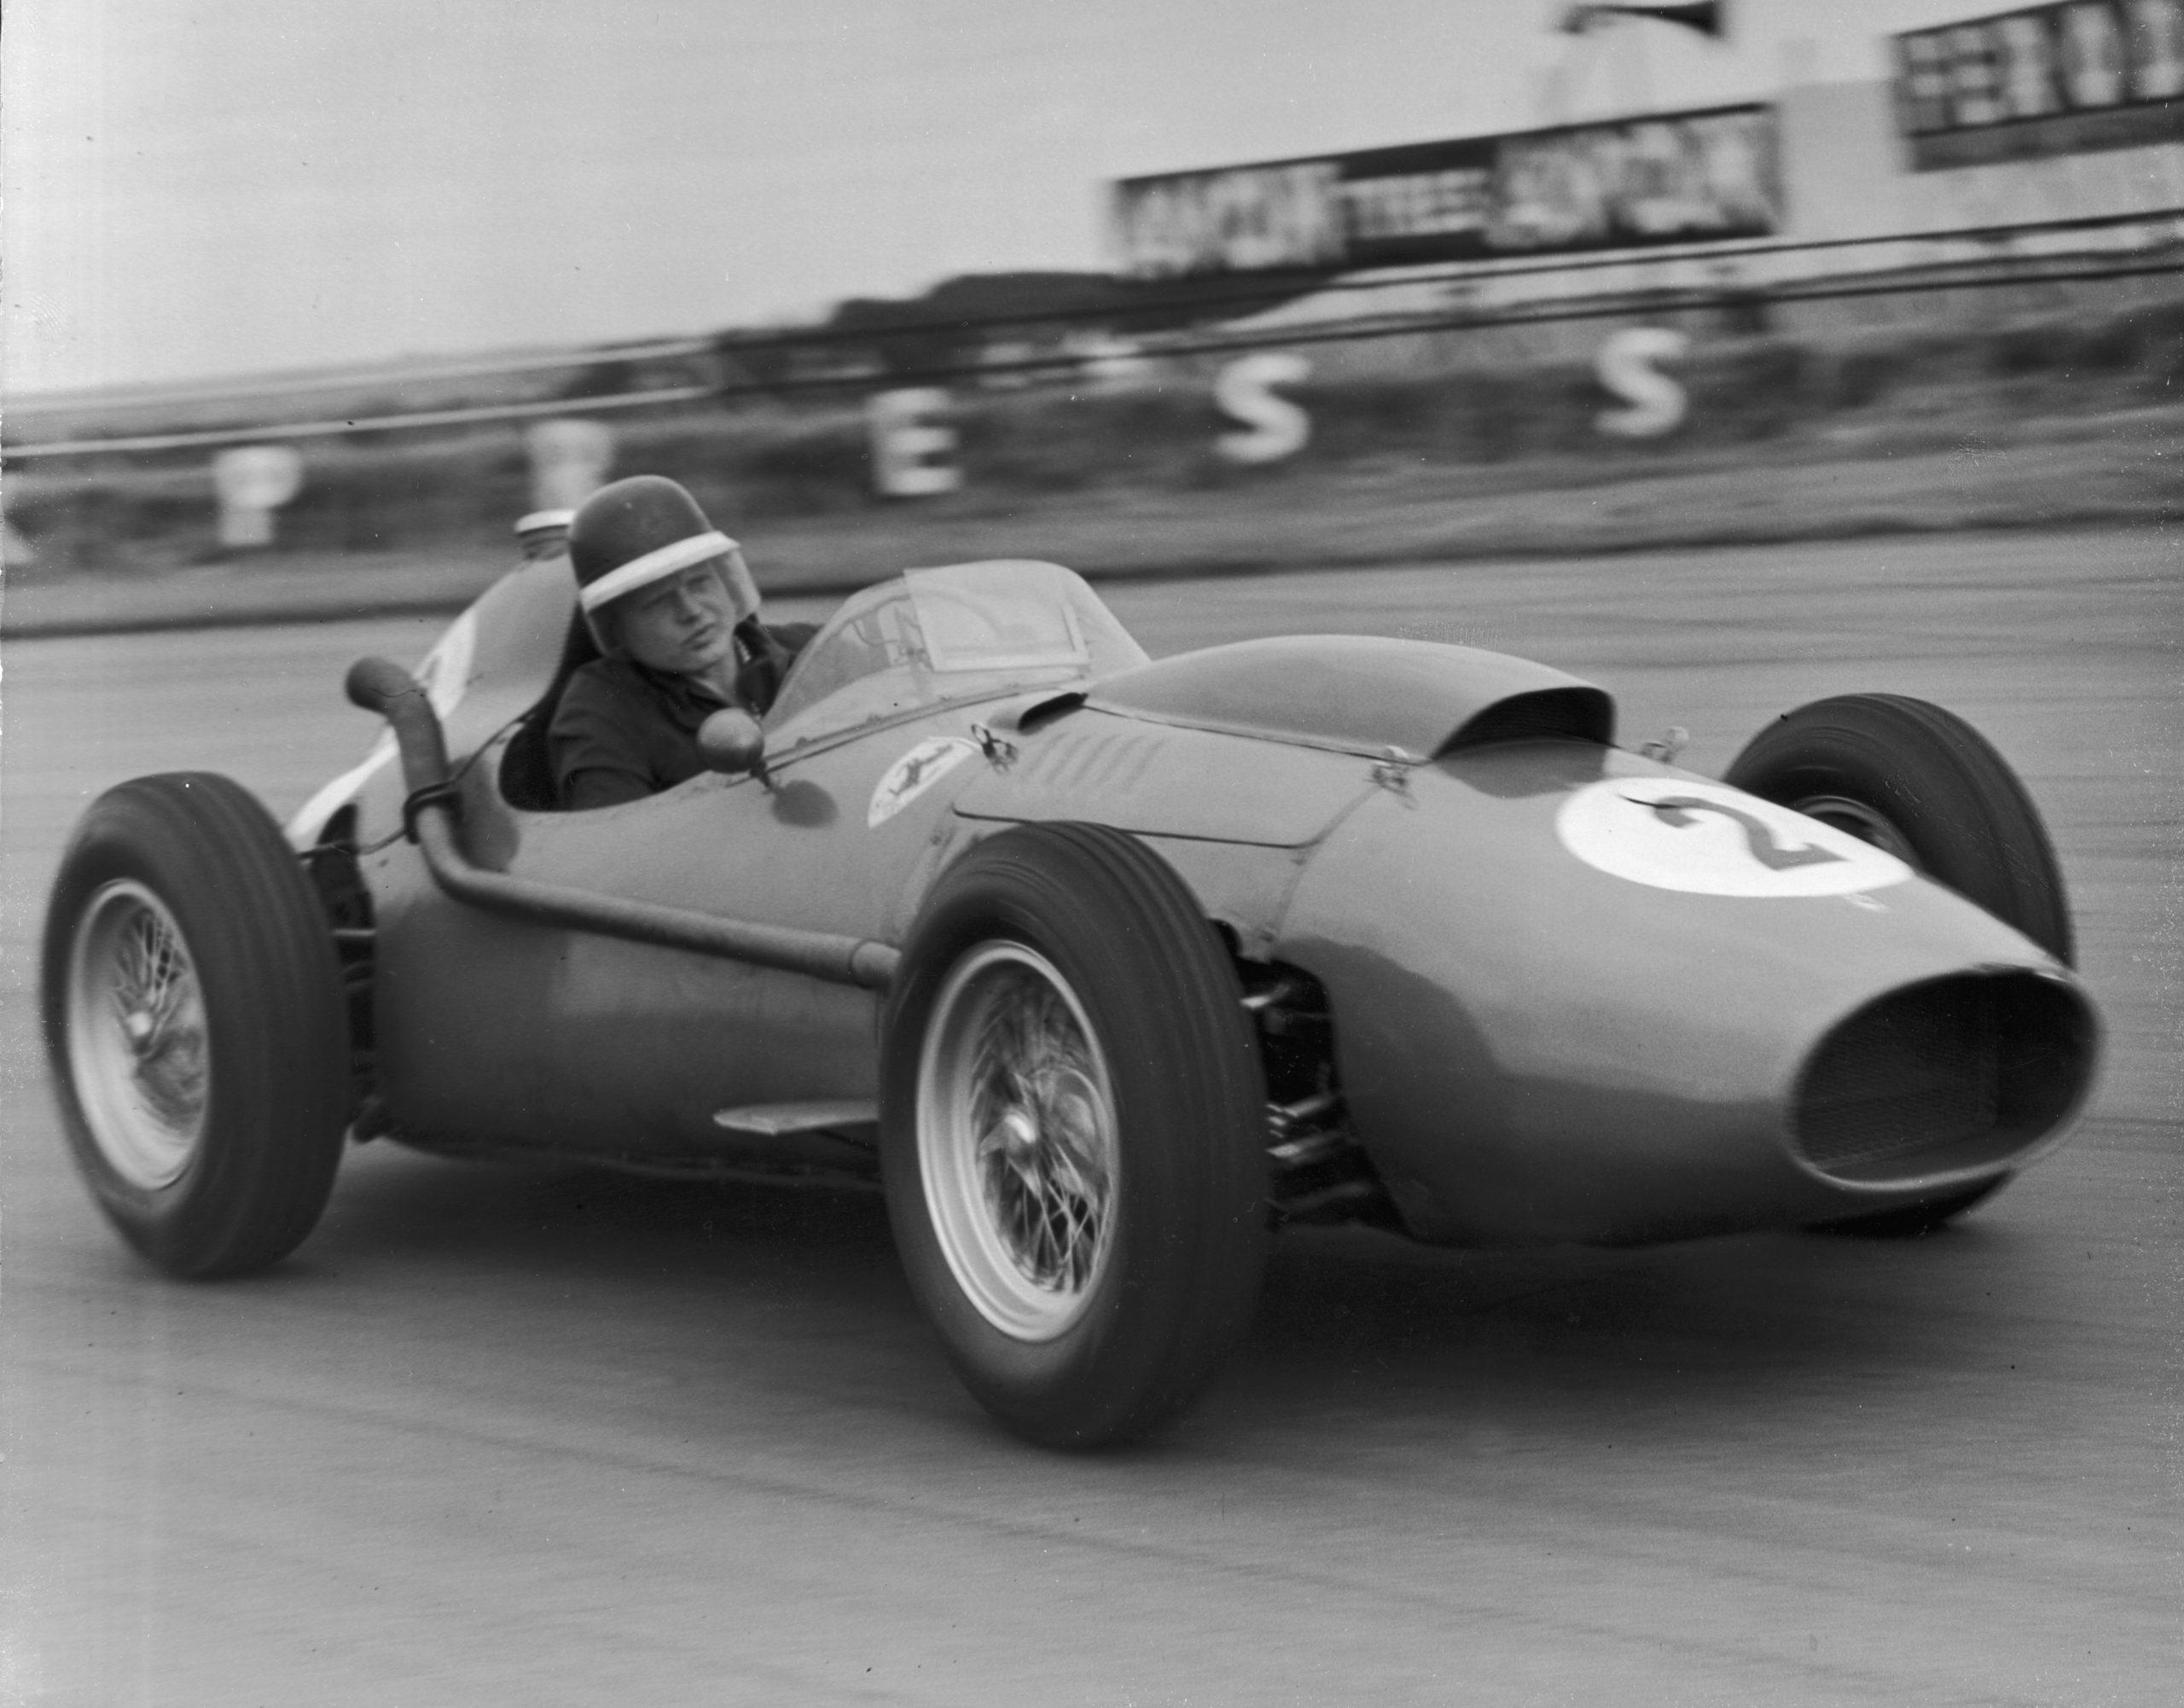 Grand Prix Practice 1958/Foto: Getty